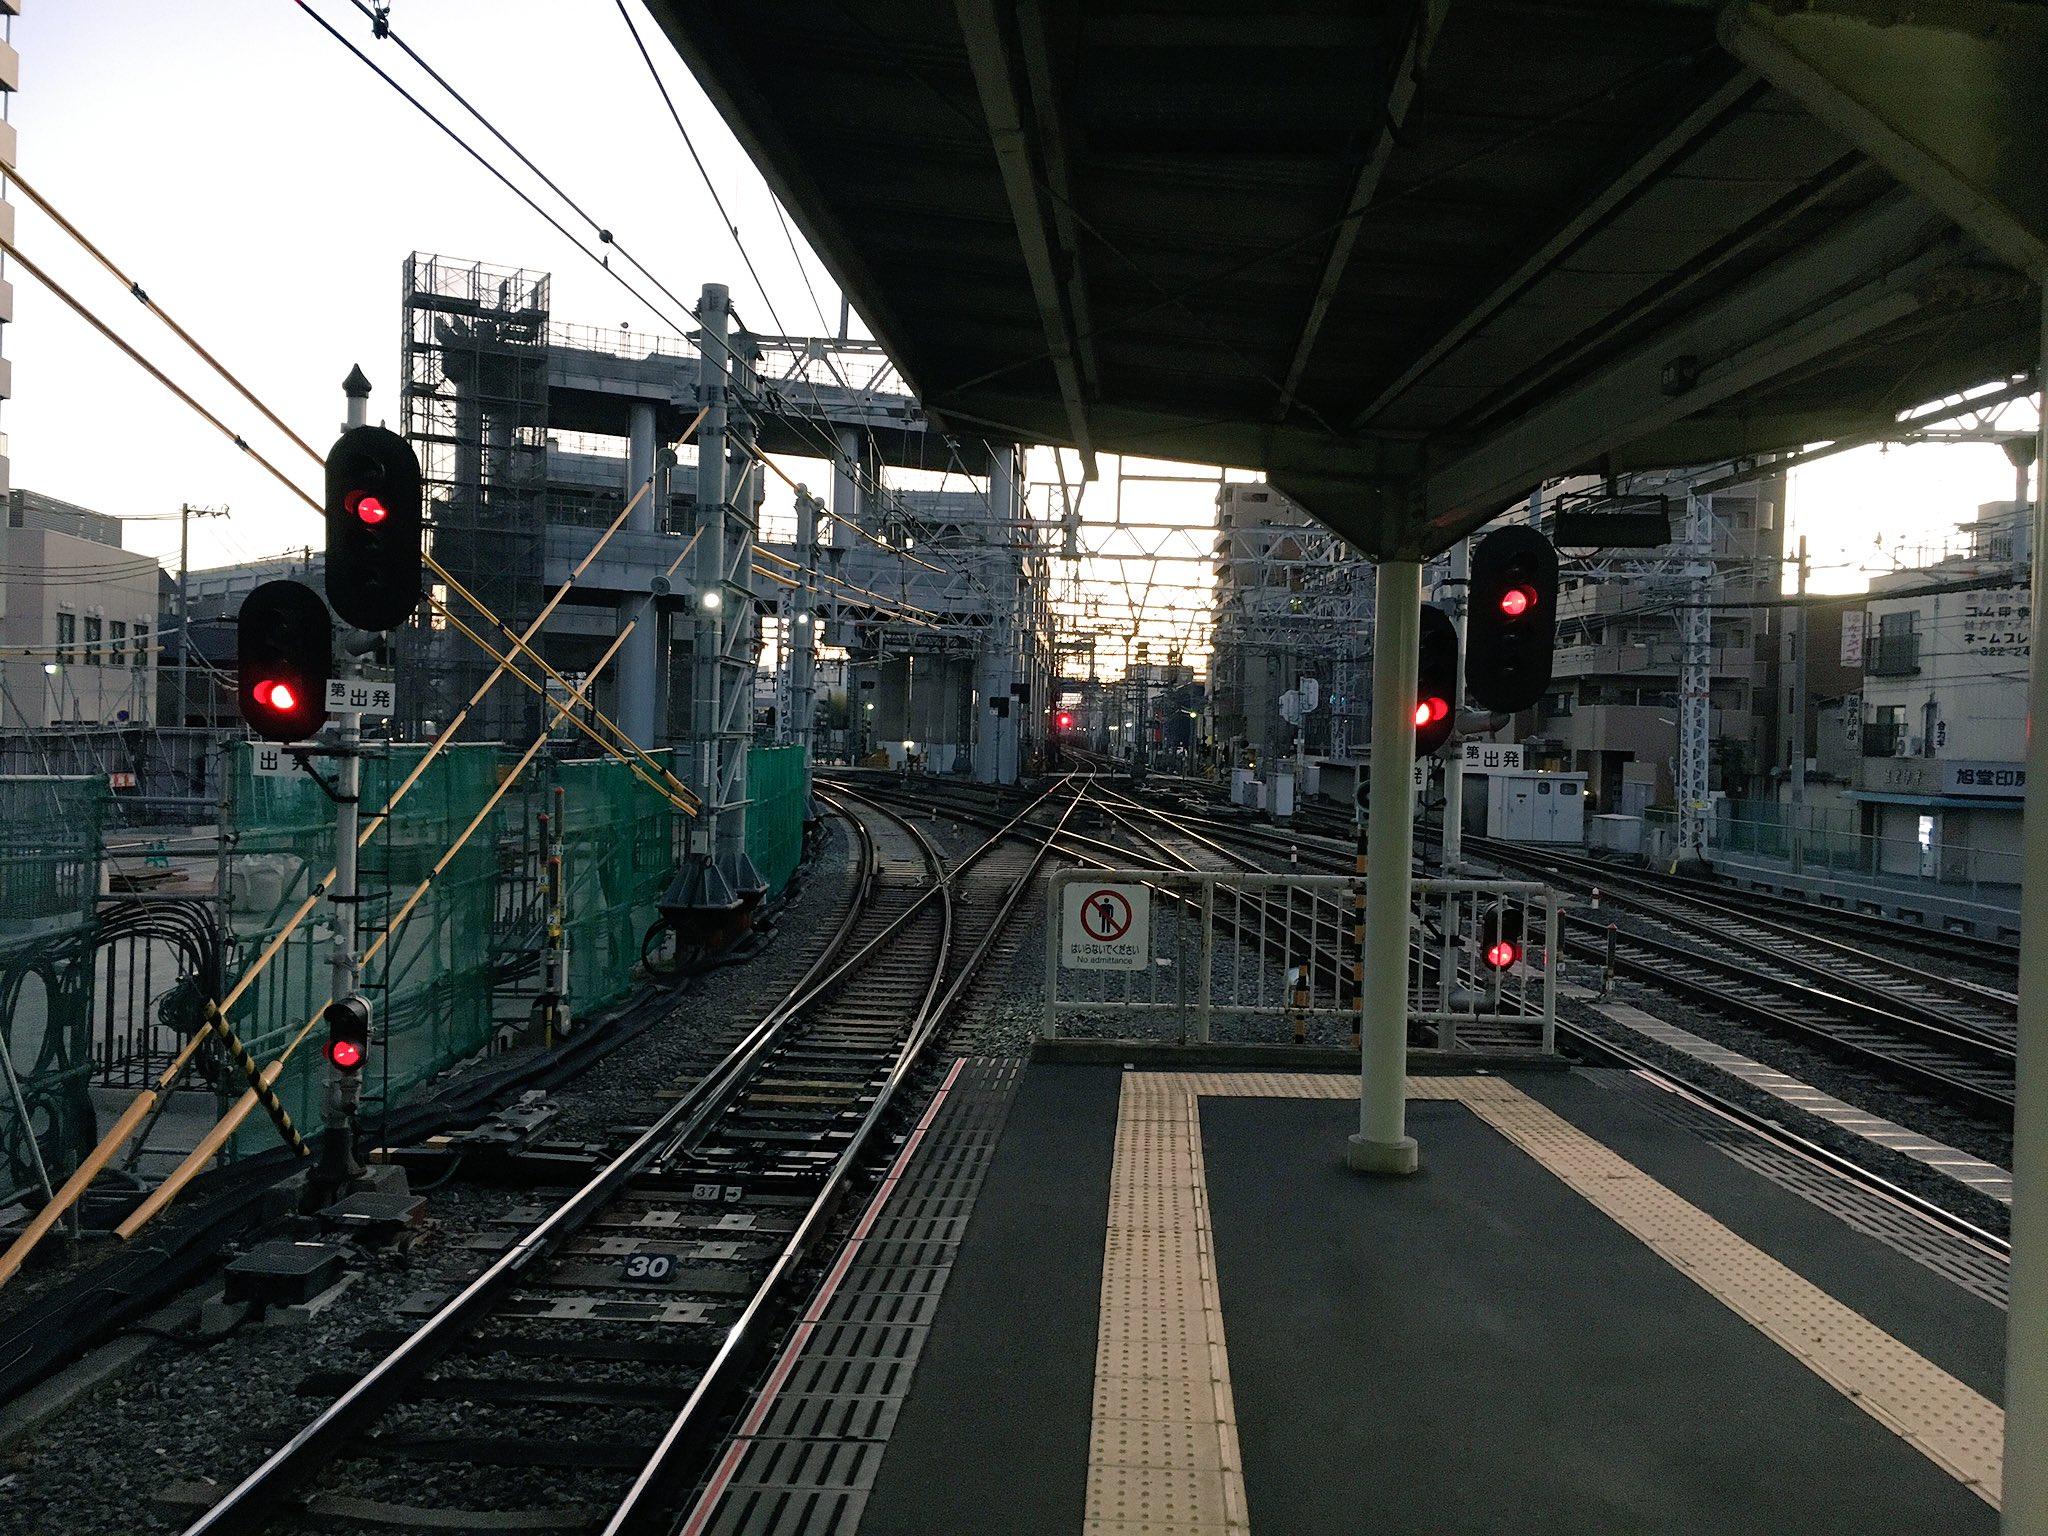 画像,う〜む。阪急京都線・千里線の運行上の要である淡路駅構内でポイントが故障したらどうにもならんなぁ。 https://t.co/q9Vy1tJNhC…